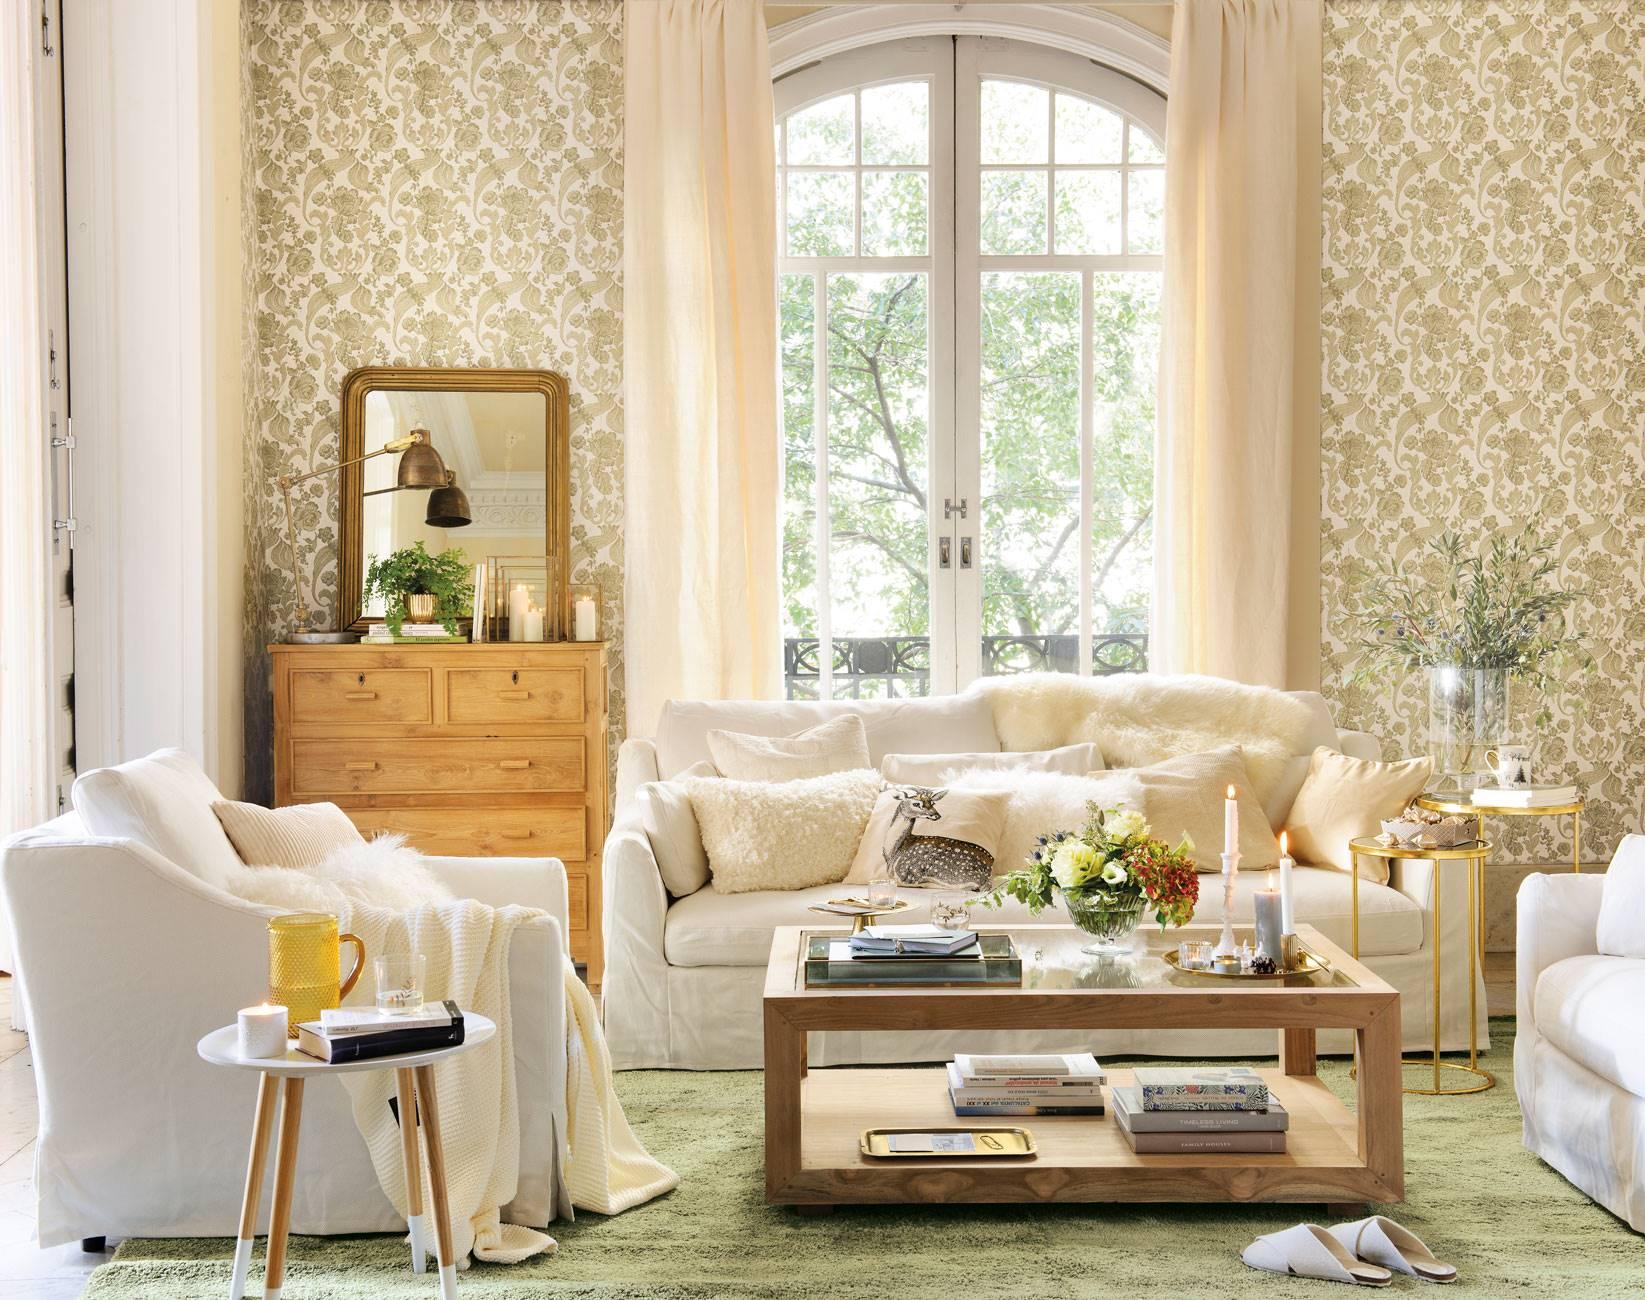 salón-papel-pintado-con-sofás-ikea 470644. Papeles pintados con motivos vegetales